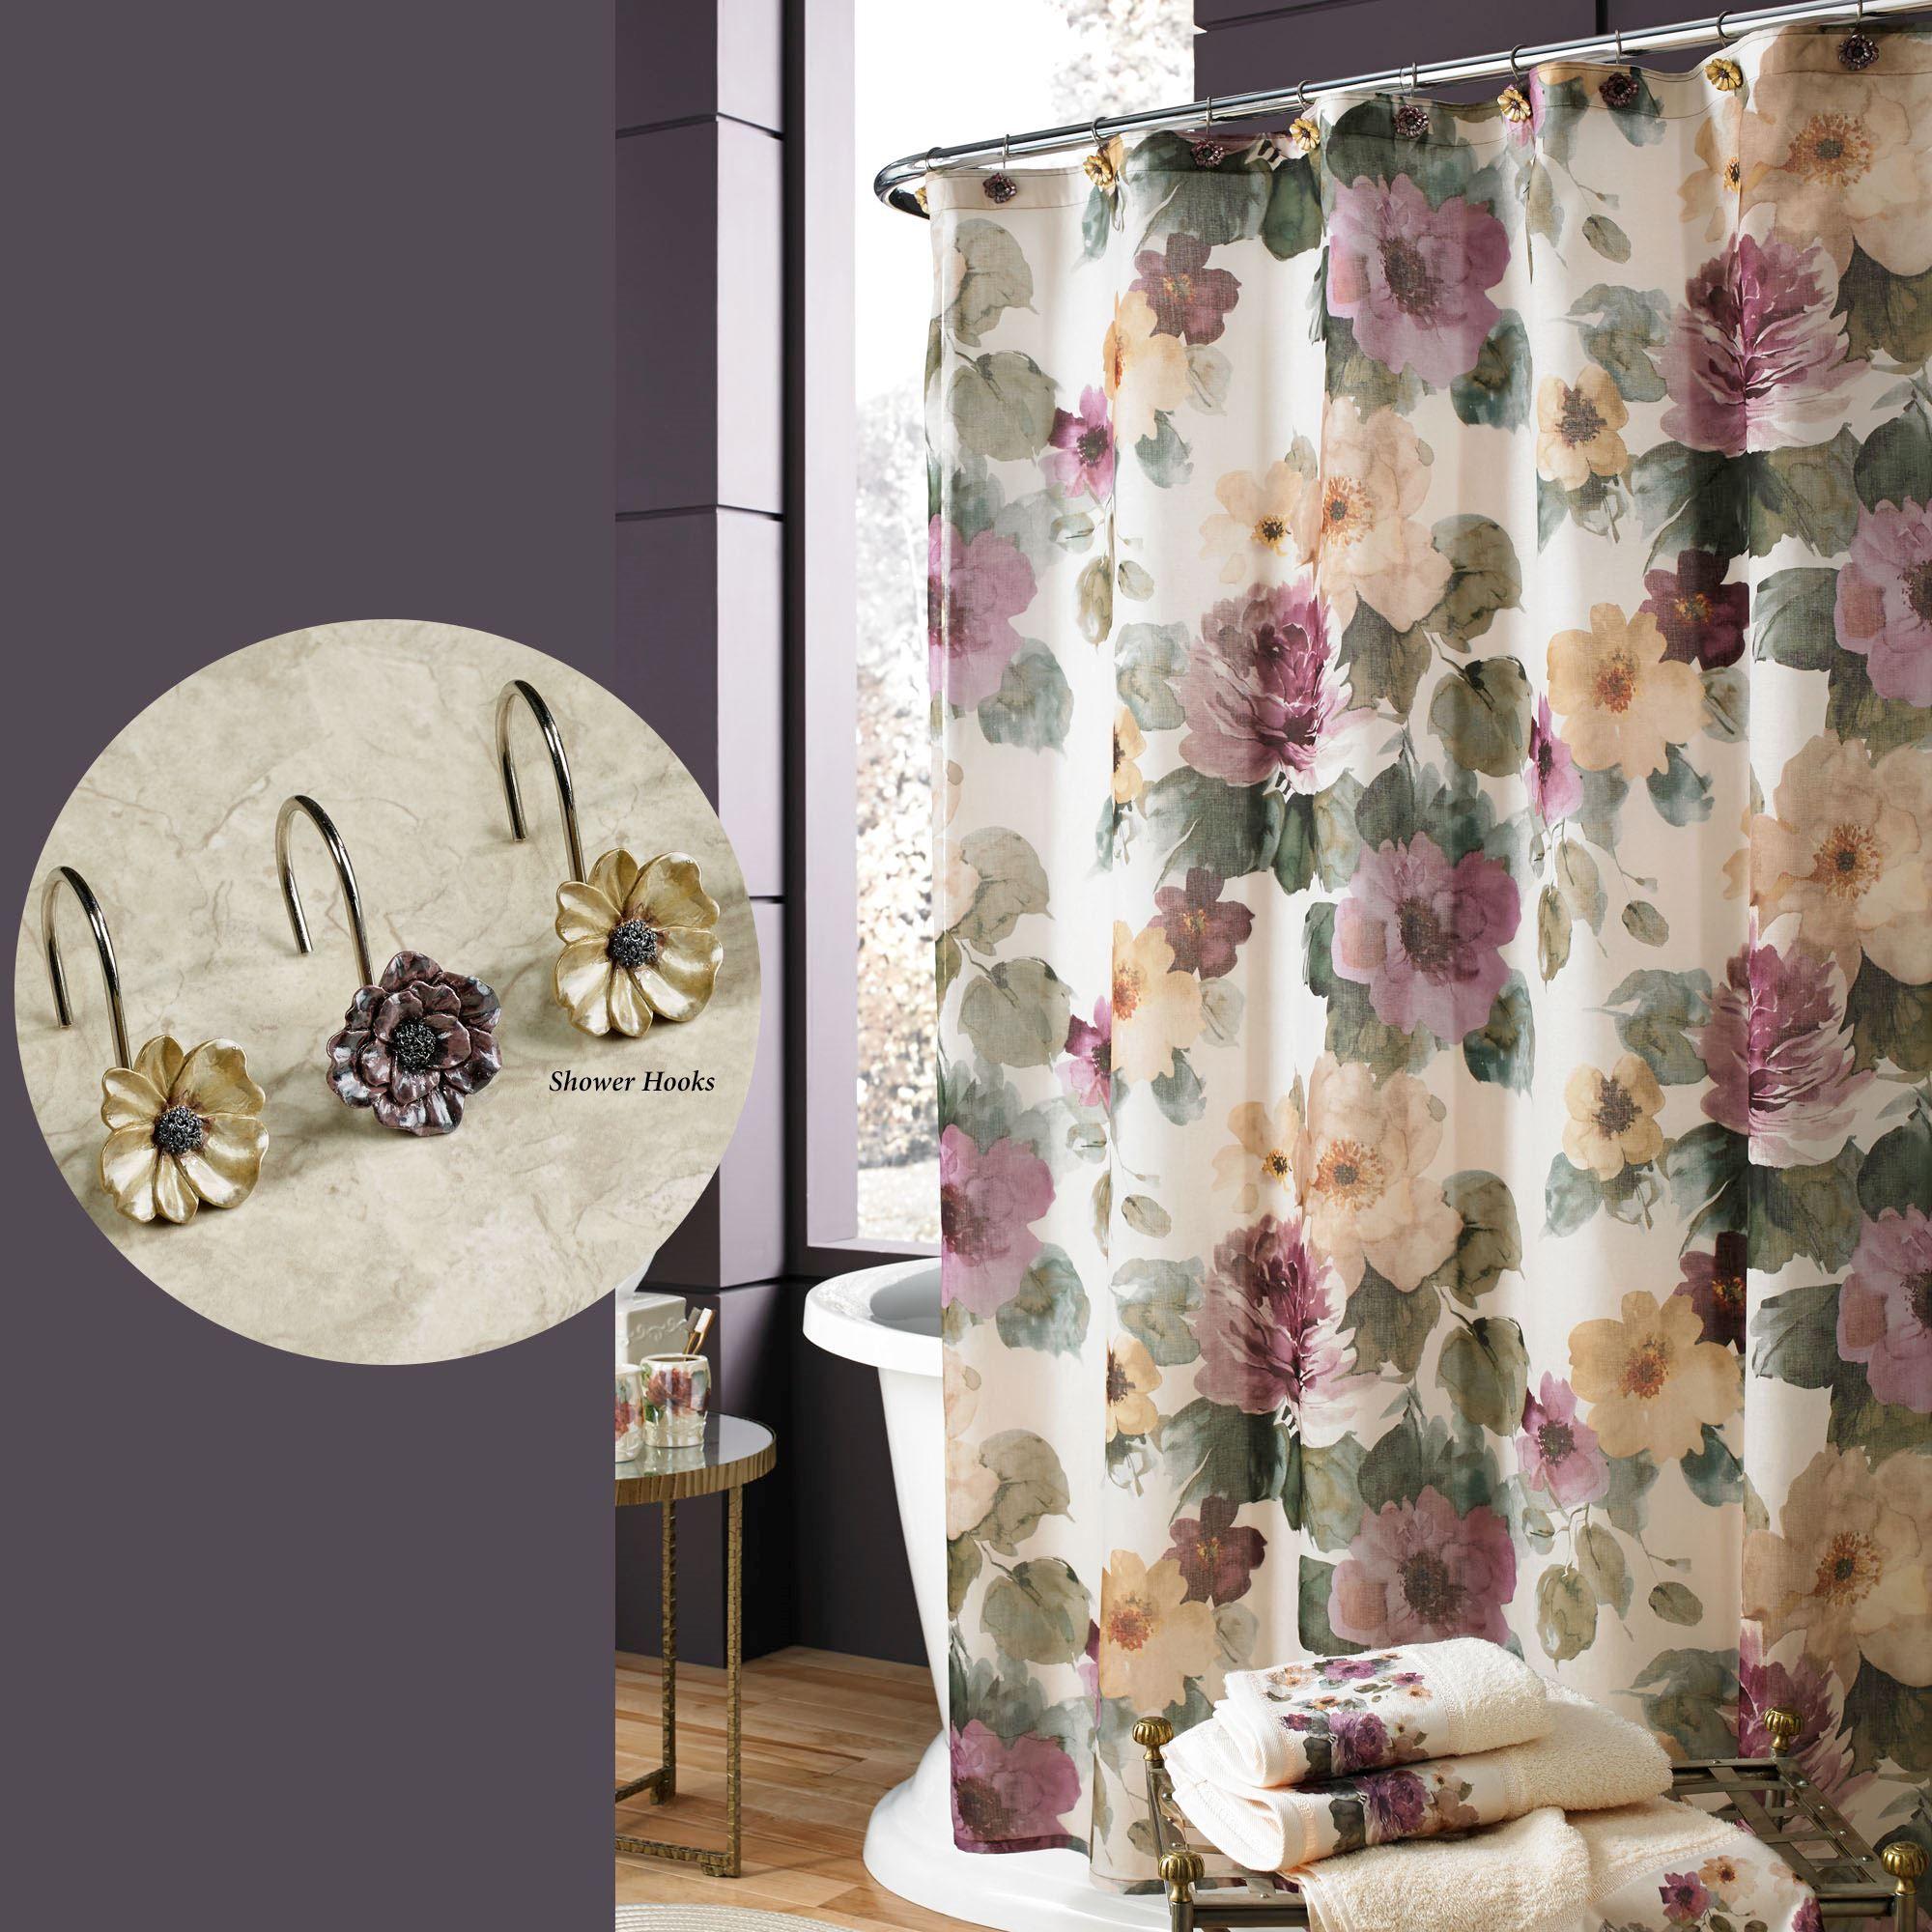 Carlyon Semi Sheer Shower Curtain Multi Warm 70 X 72